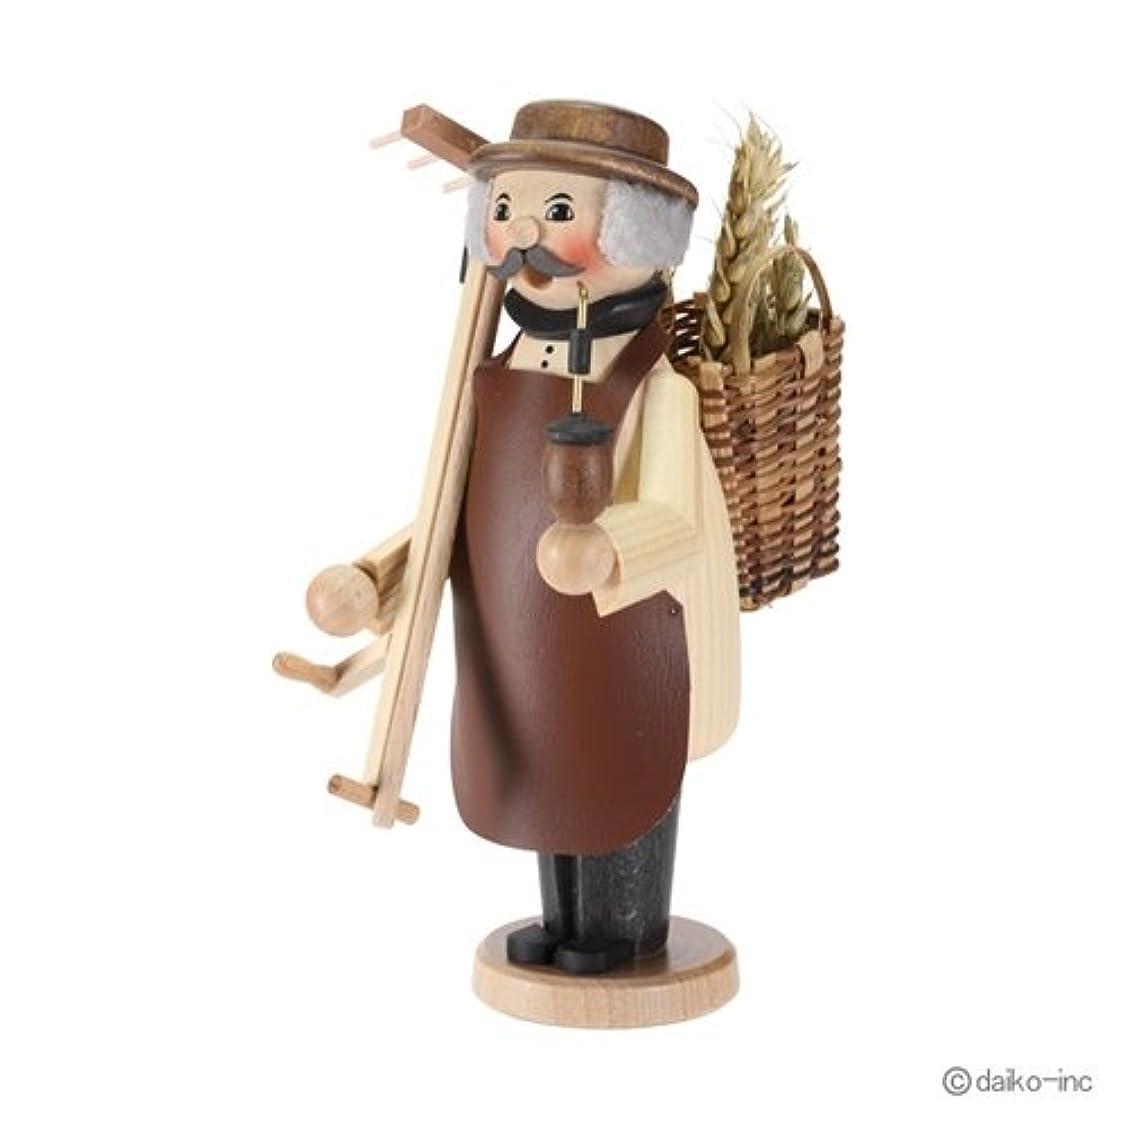 調べる不忠ひばりクーネルト kuhnert ミニパイプ人形香炉 農夫